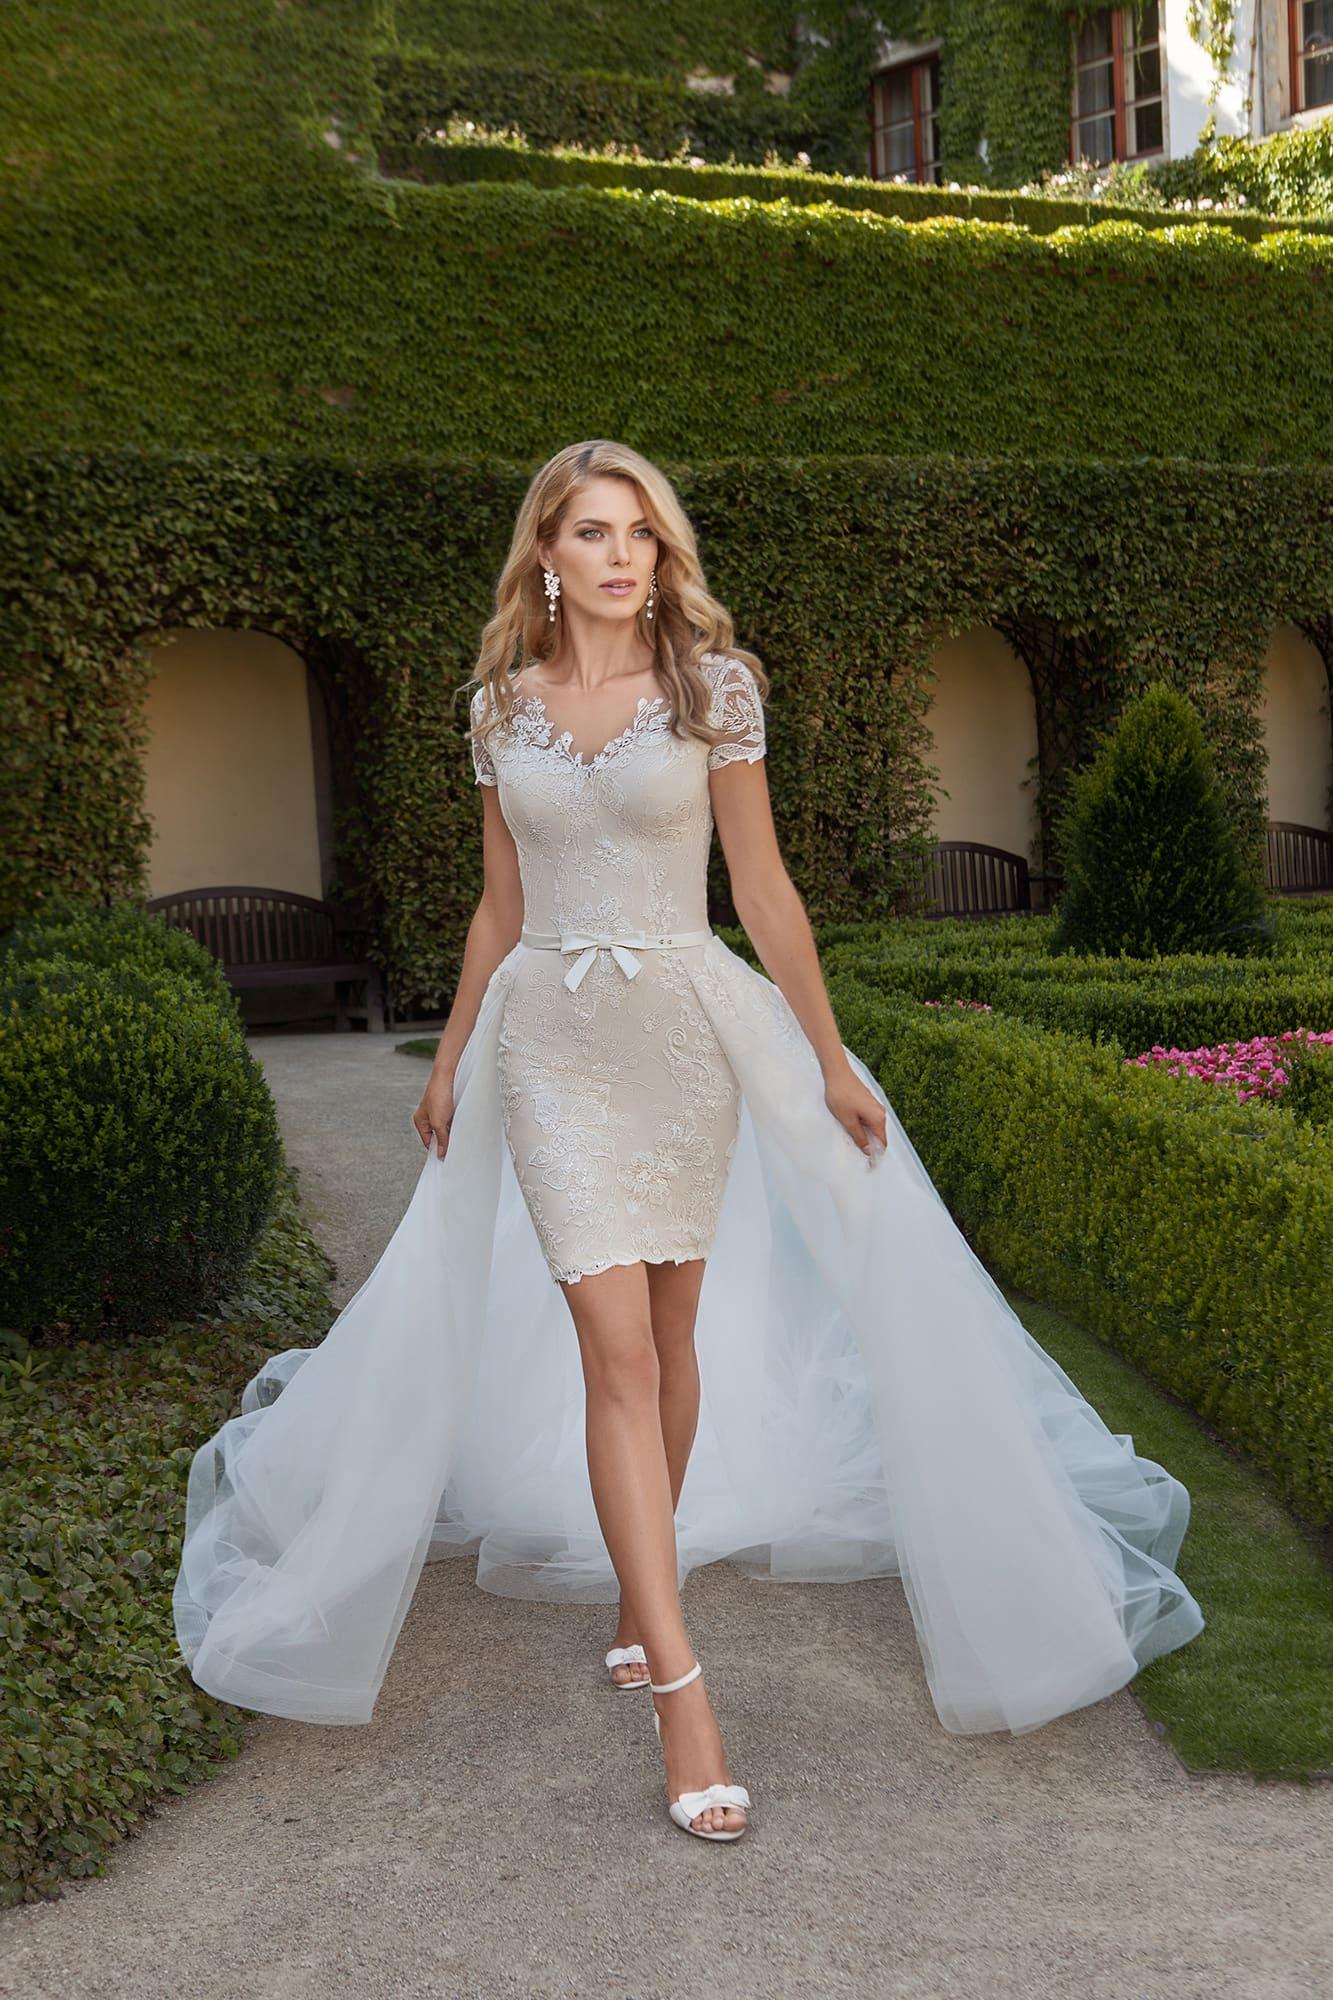 676cce72fa9 Бежевое свадебное платье-футляр с оригинальной верхней юбкой из  белоснежного тюльмарина.